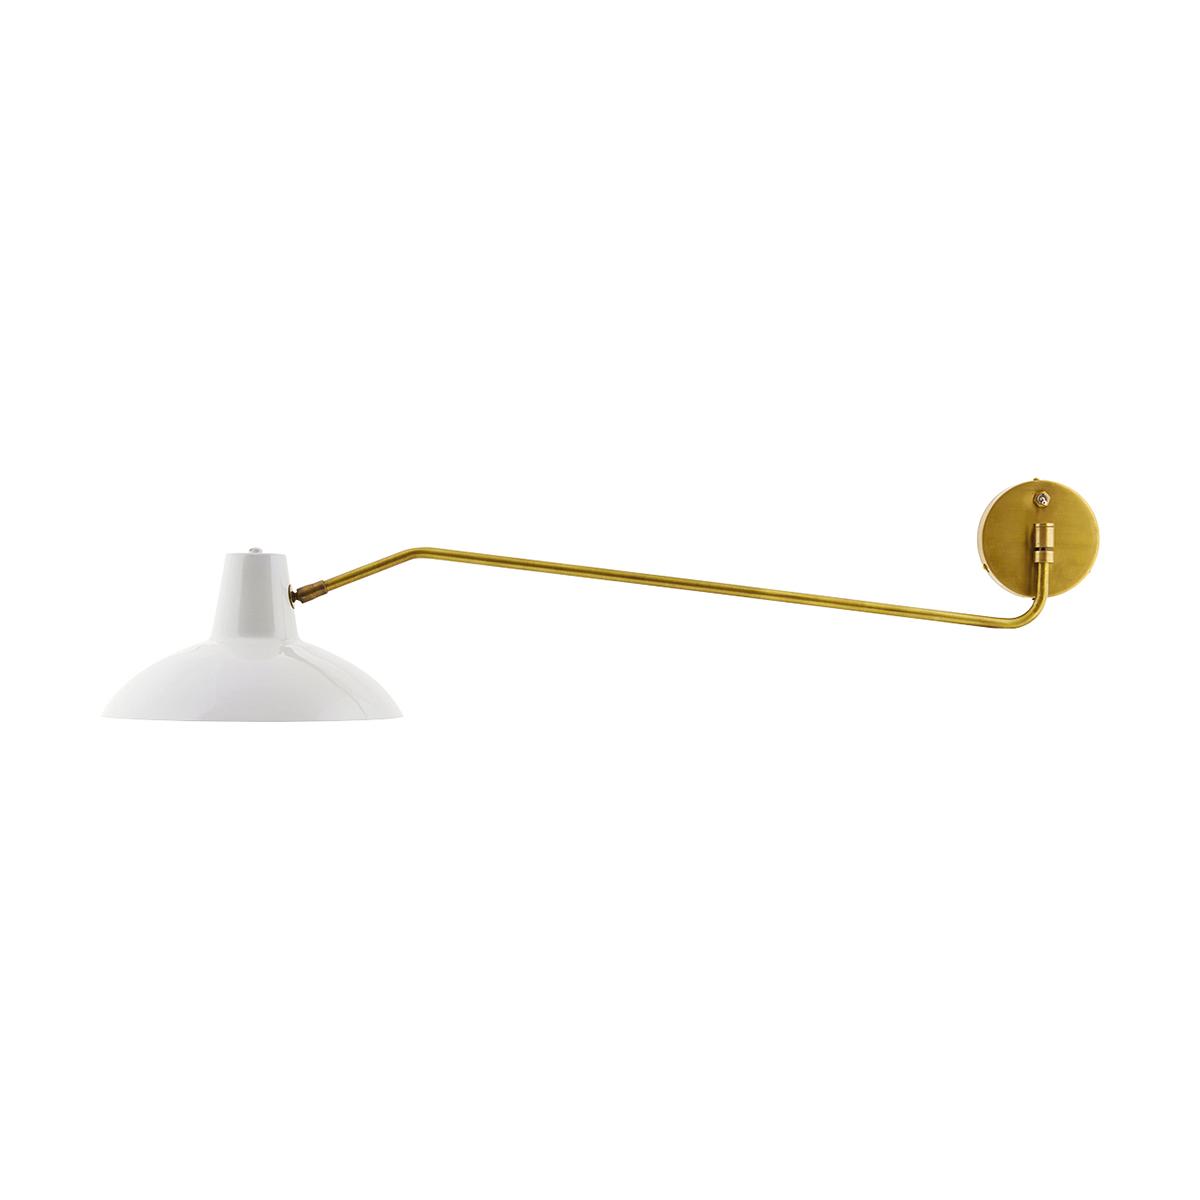 Desk Vägglampa Grå Matt 31 cm